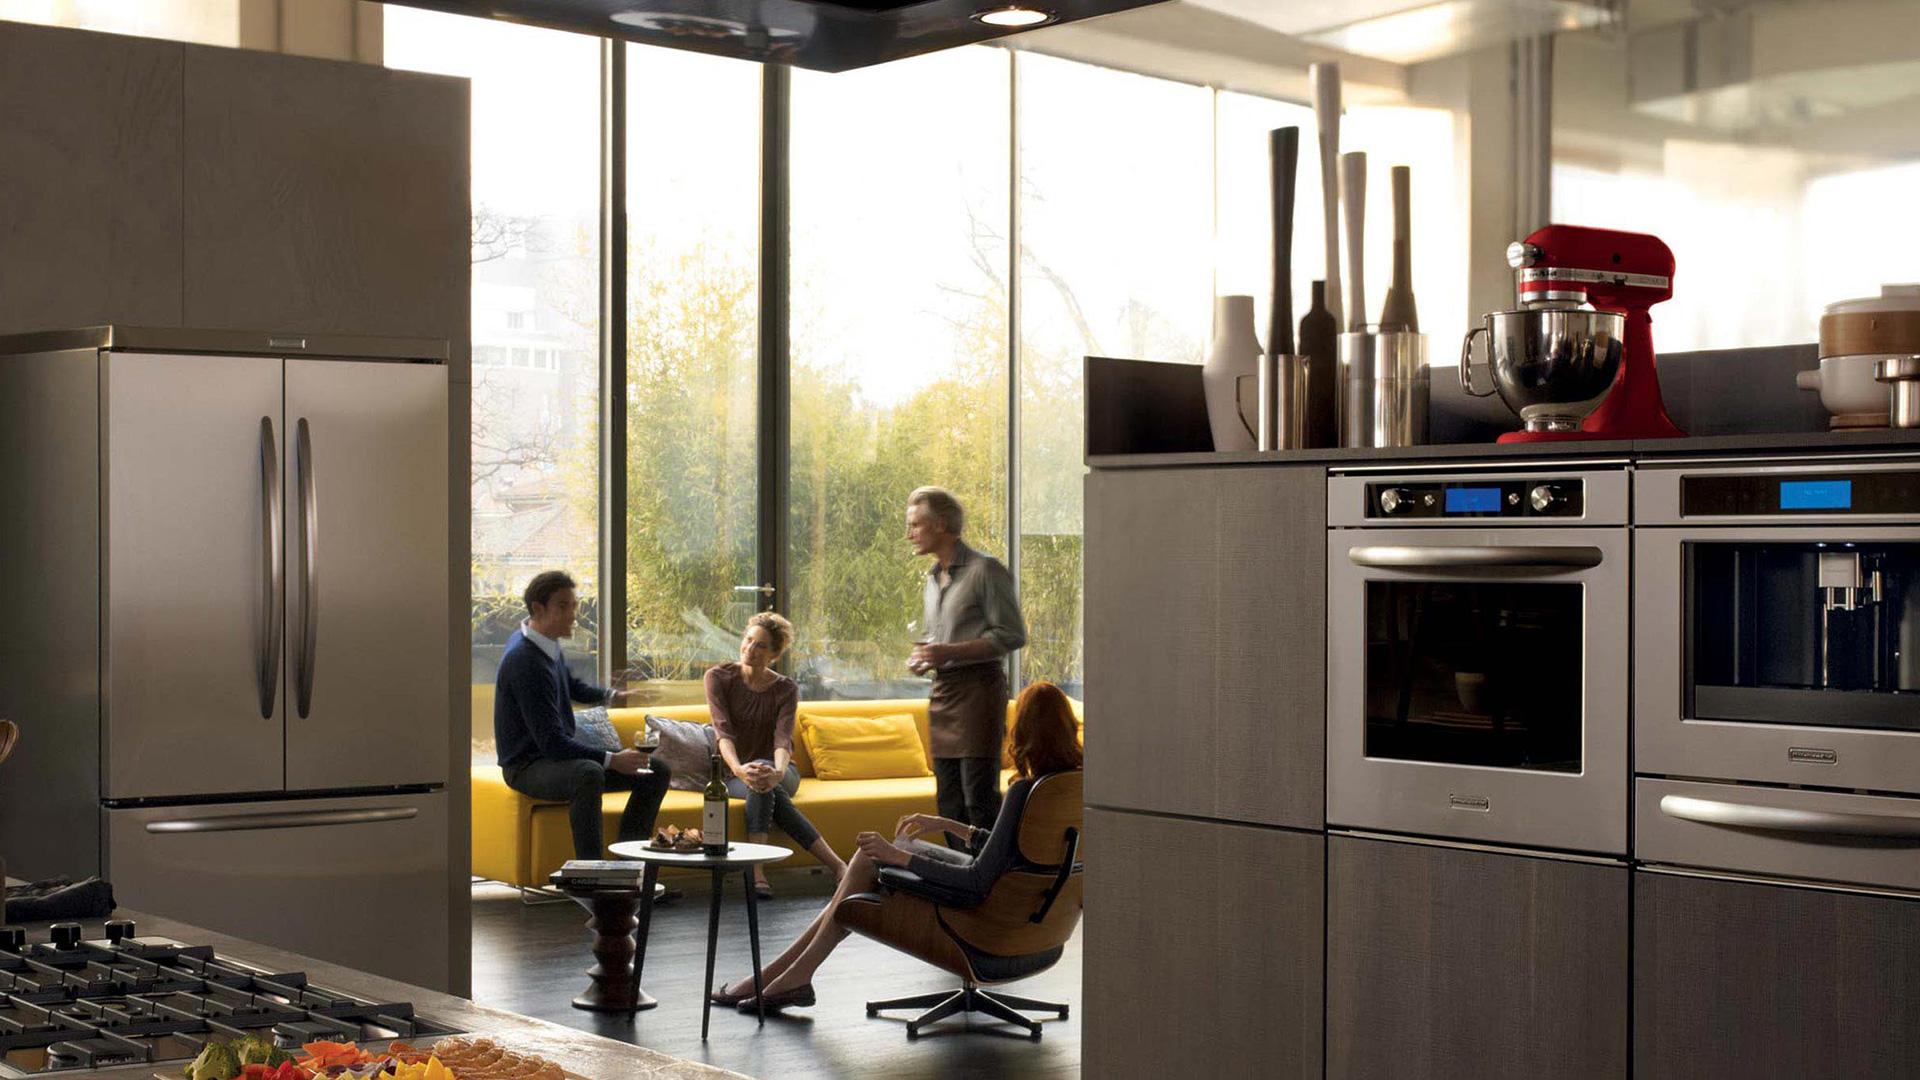 arredamenti-casa-grandi-elettrodomestici-04-g